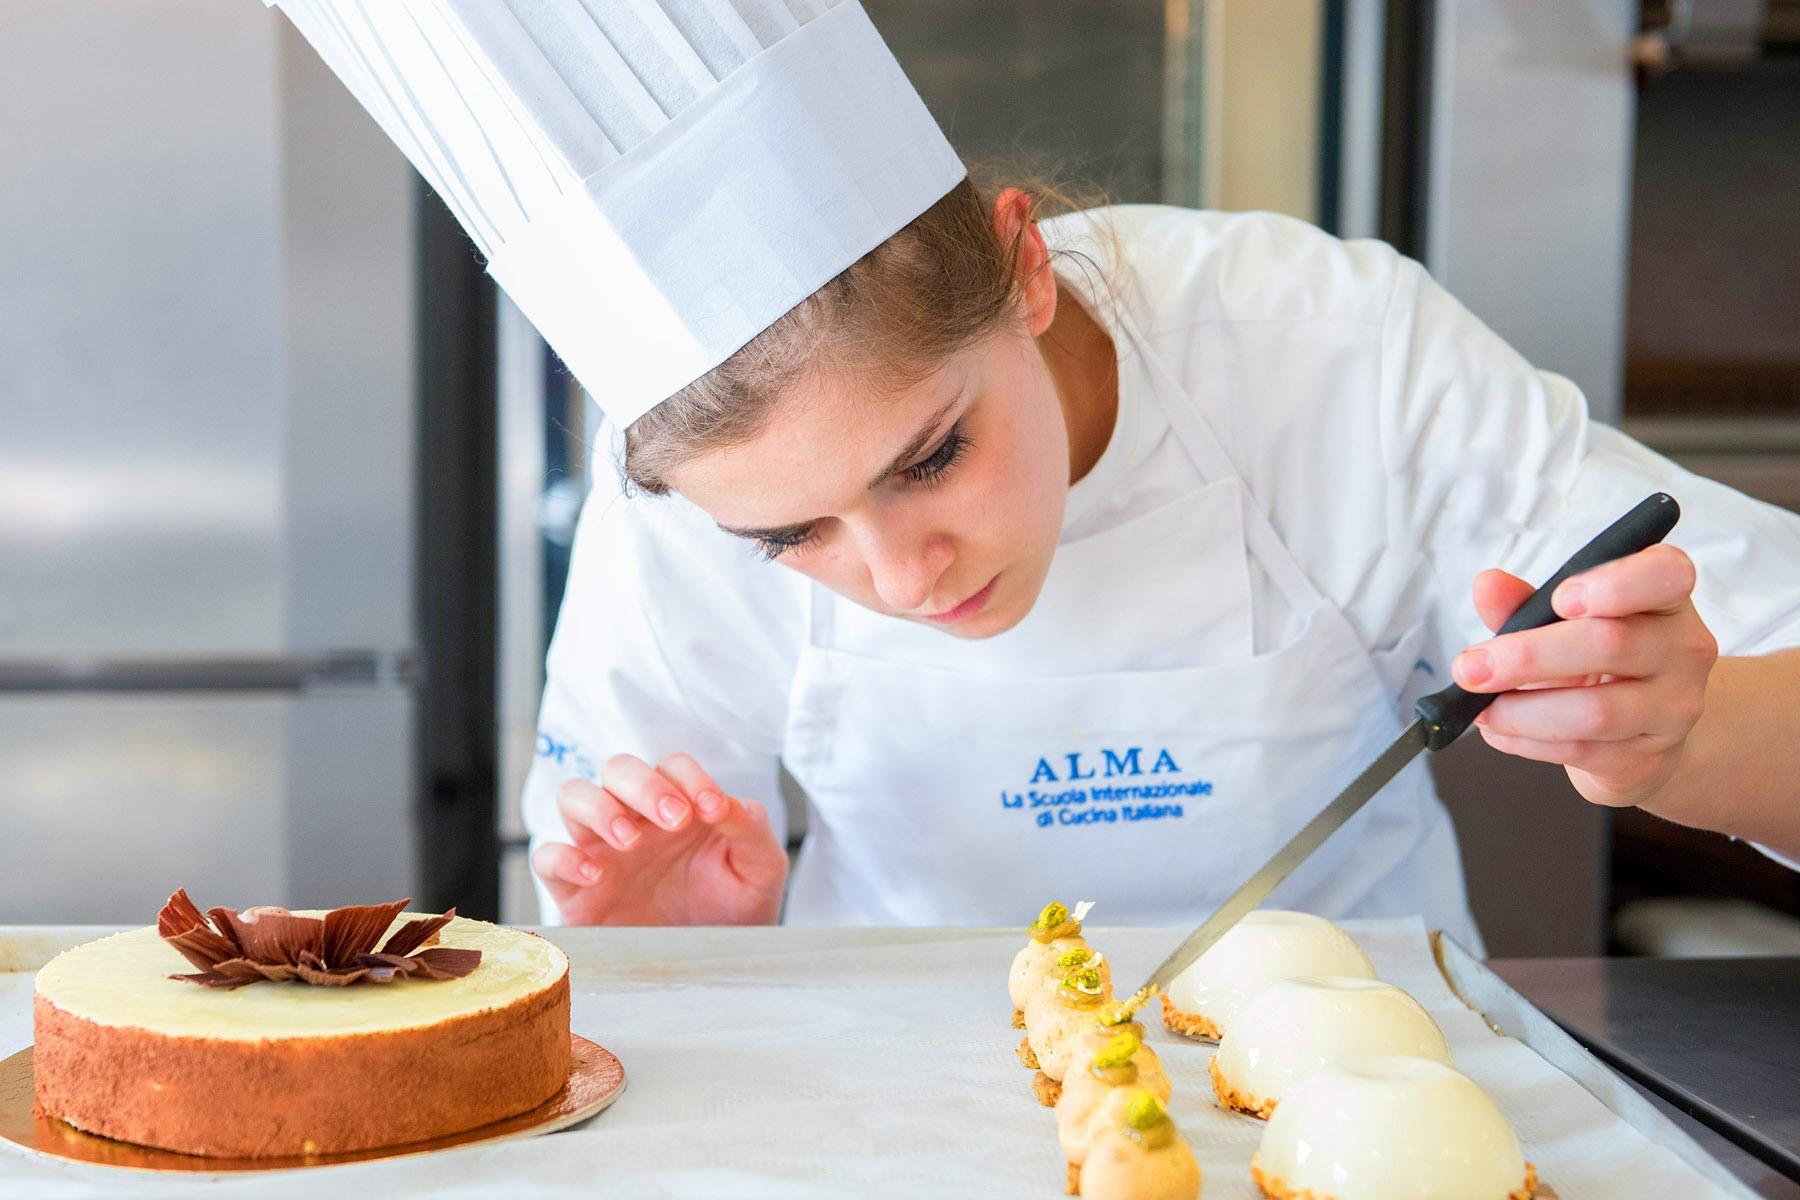 Alma La Scuola Internazionale Di Cucina Italiana Scuole Mestieri D Arte